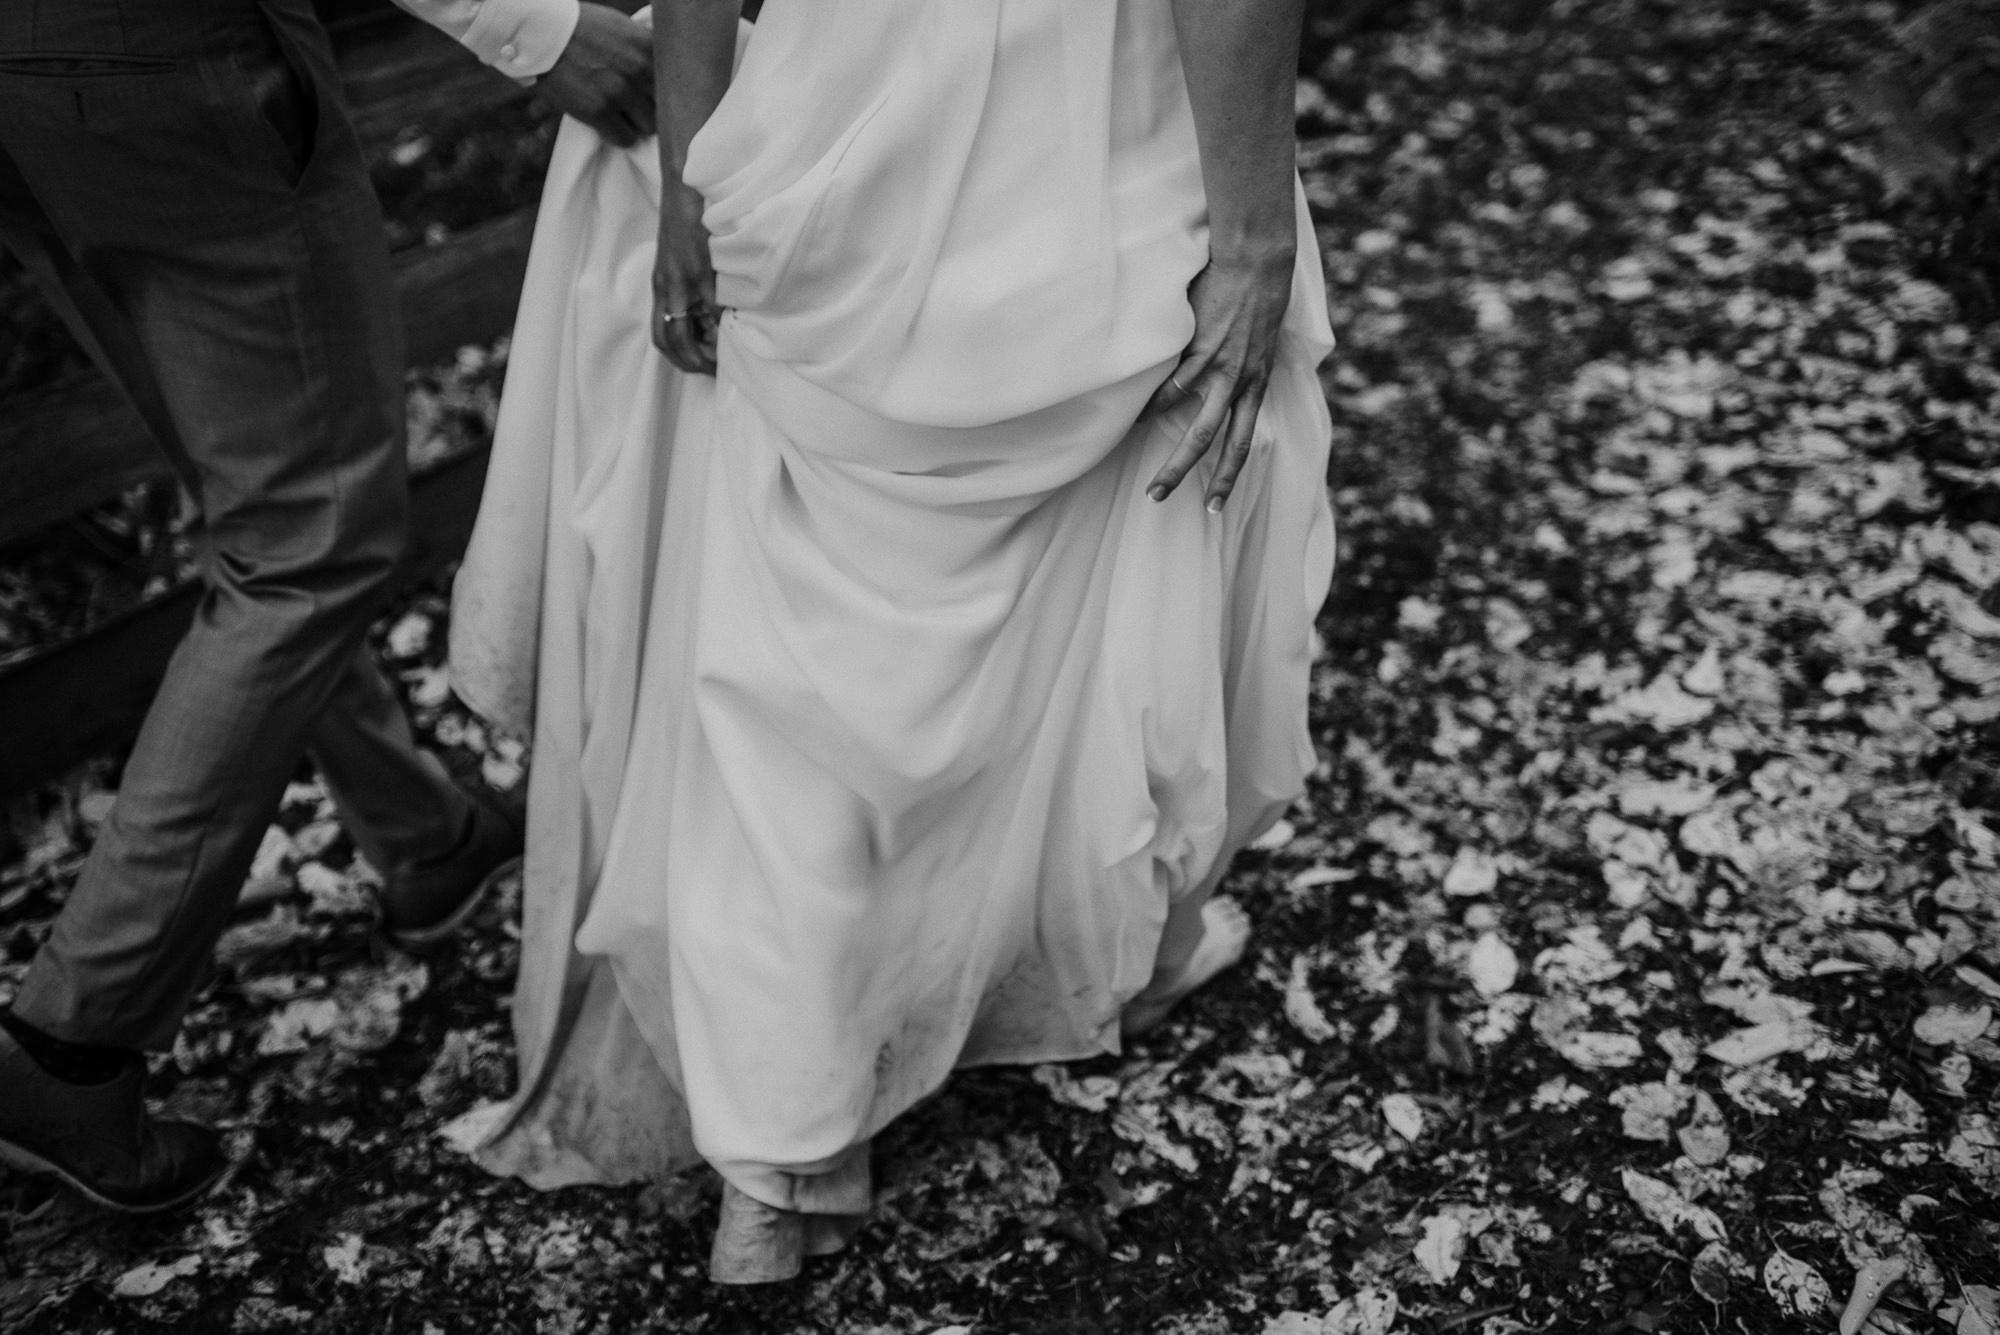 131-overbury-resort-thetis-island-wedding-jan-ian-7516.jpg